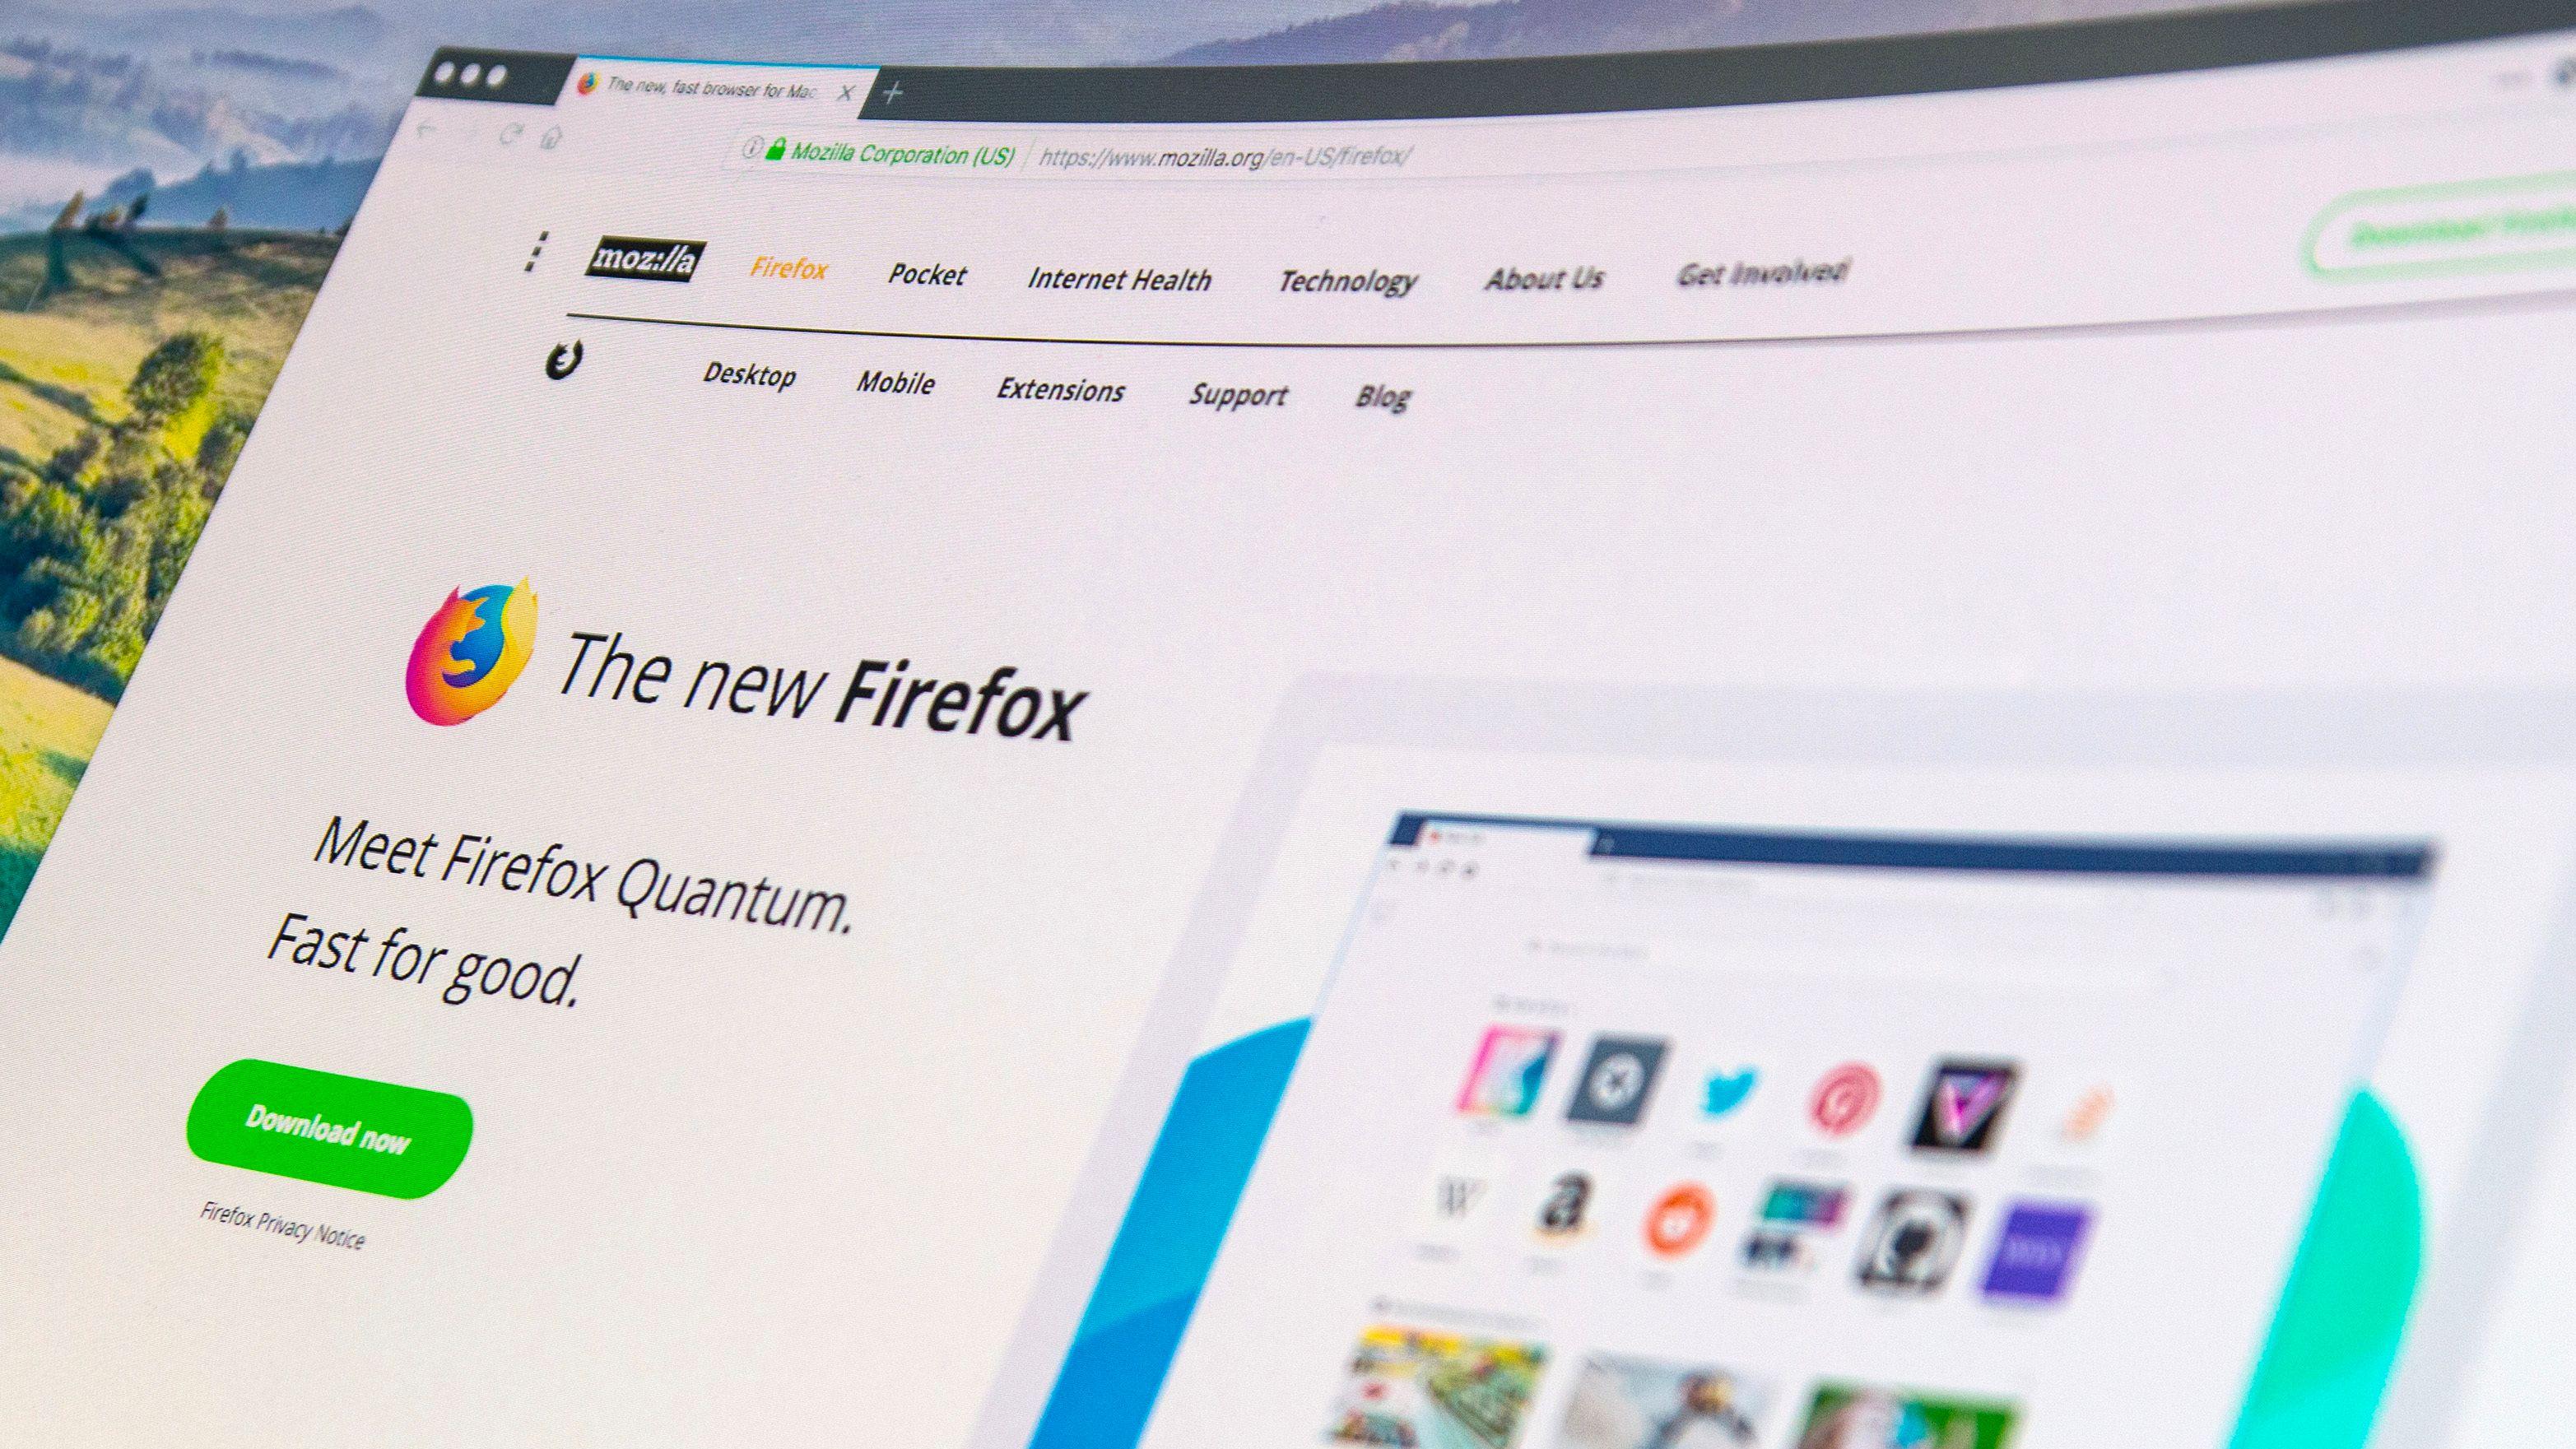 På tide å prøve ut en ny nettleser? Vi har testet ut helt nye Firefox